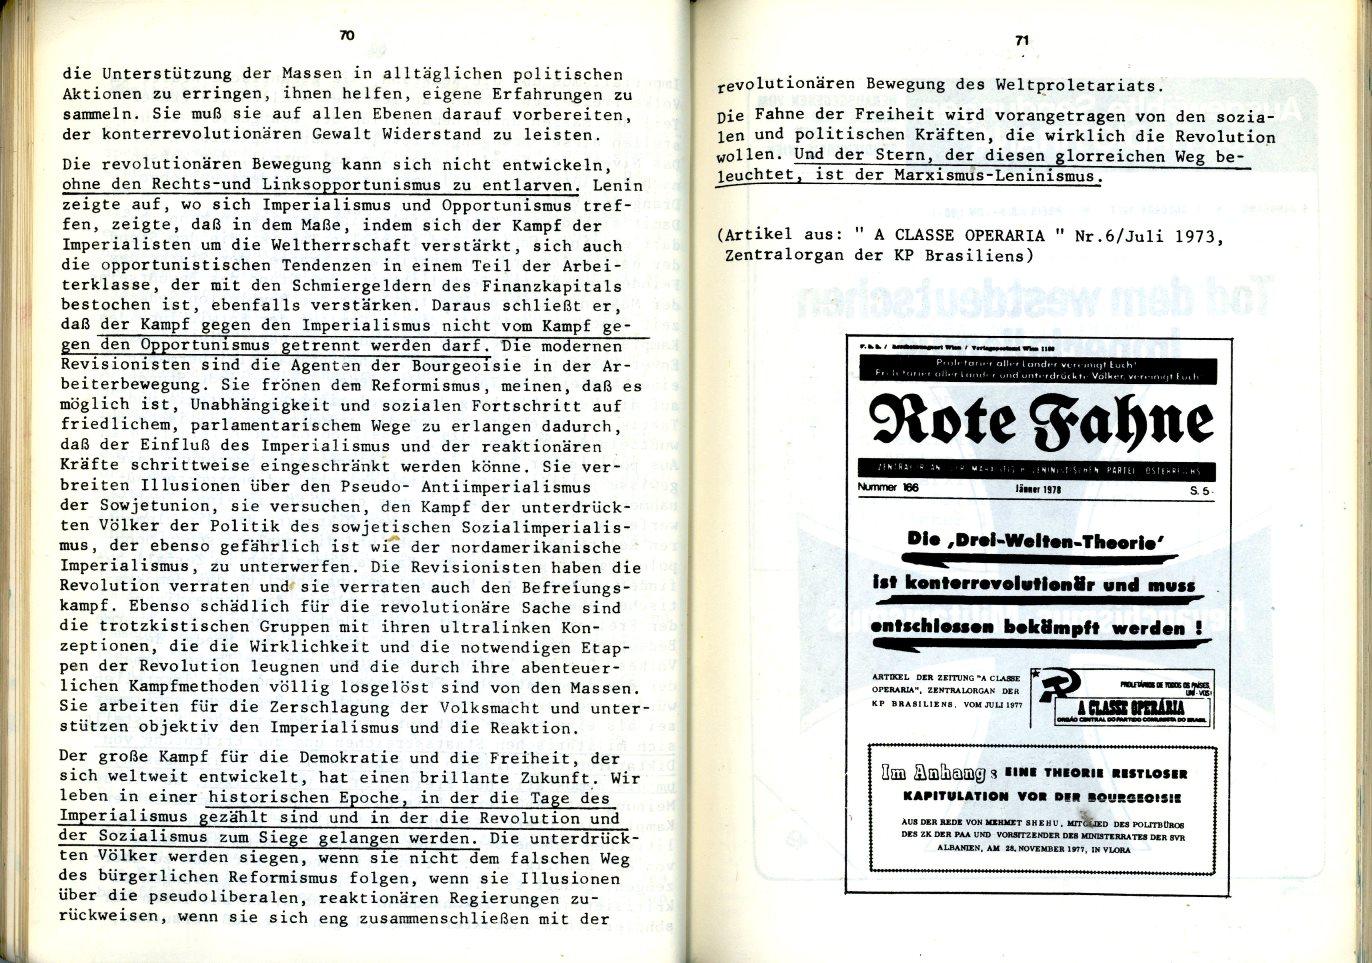 MLSK_Theorie_und_Praxis_des_ML_1978_20_44